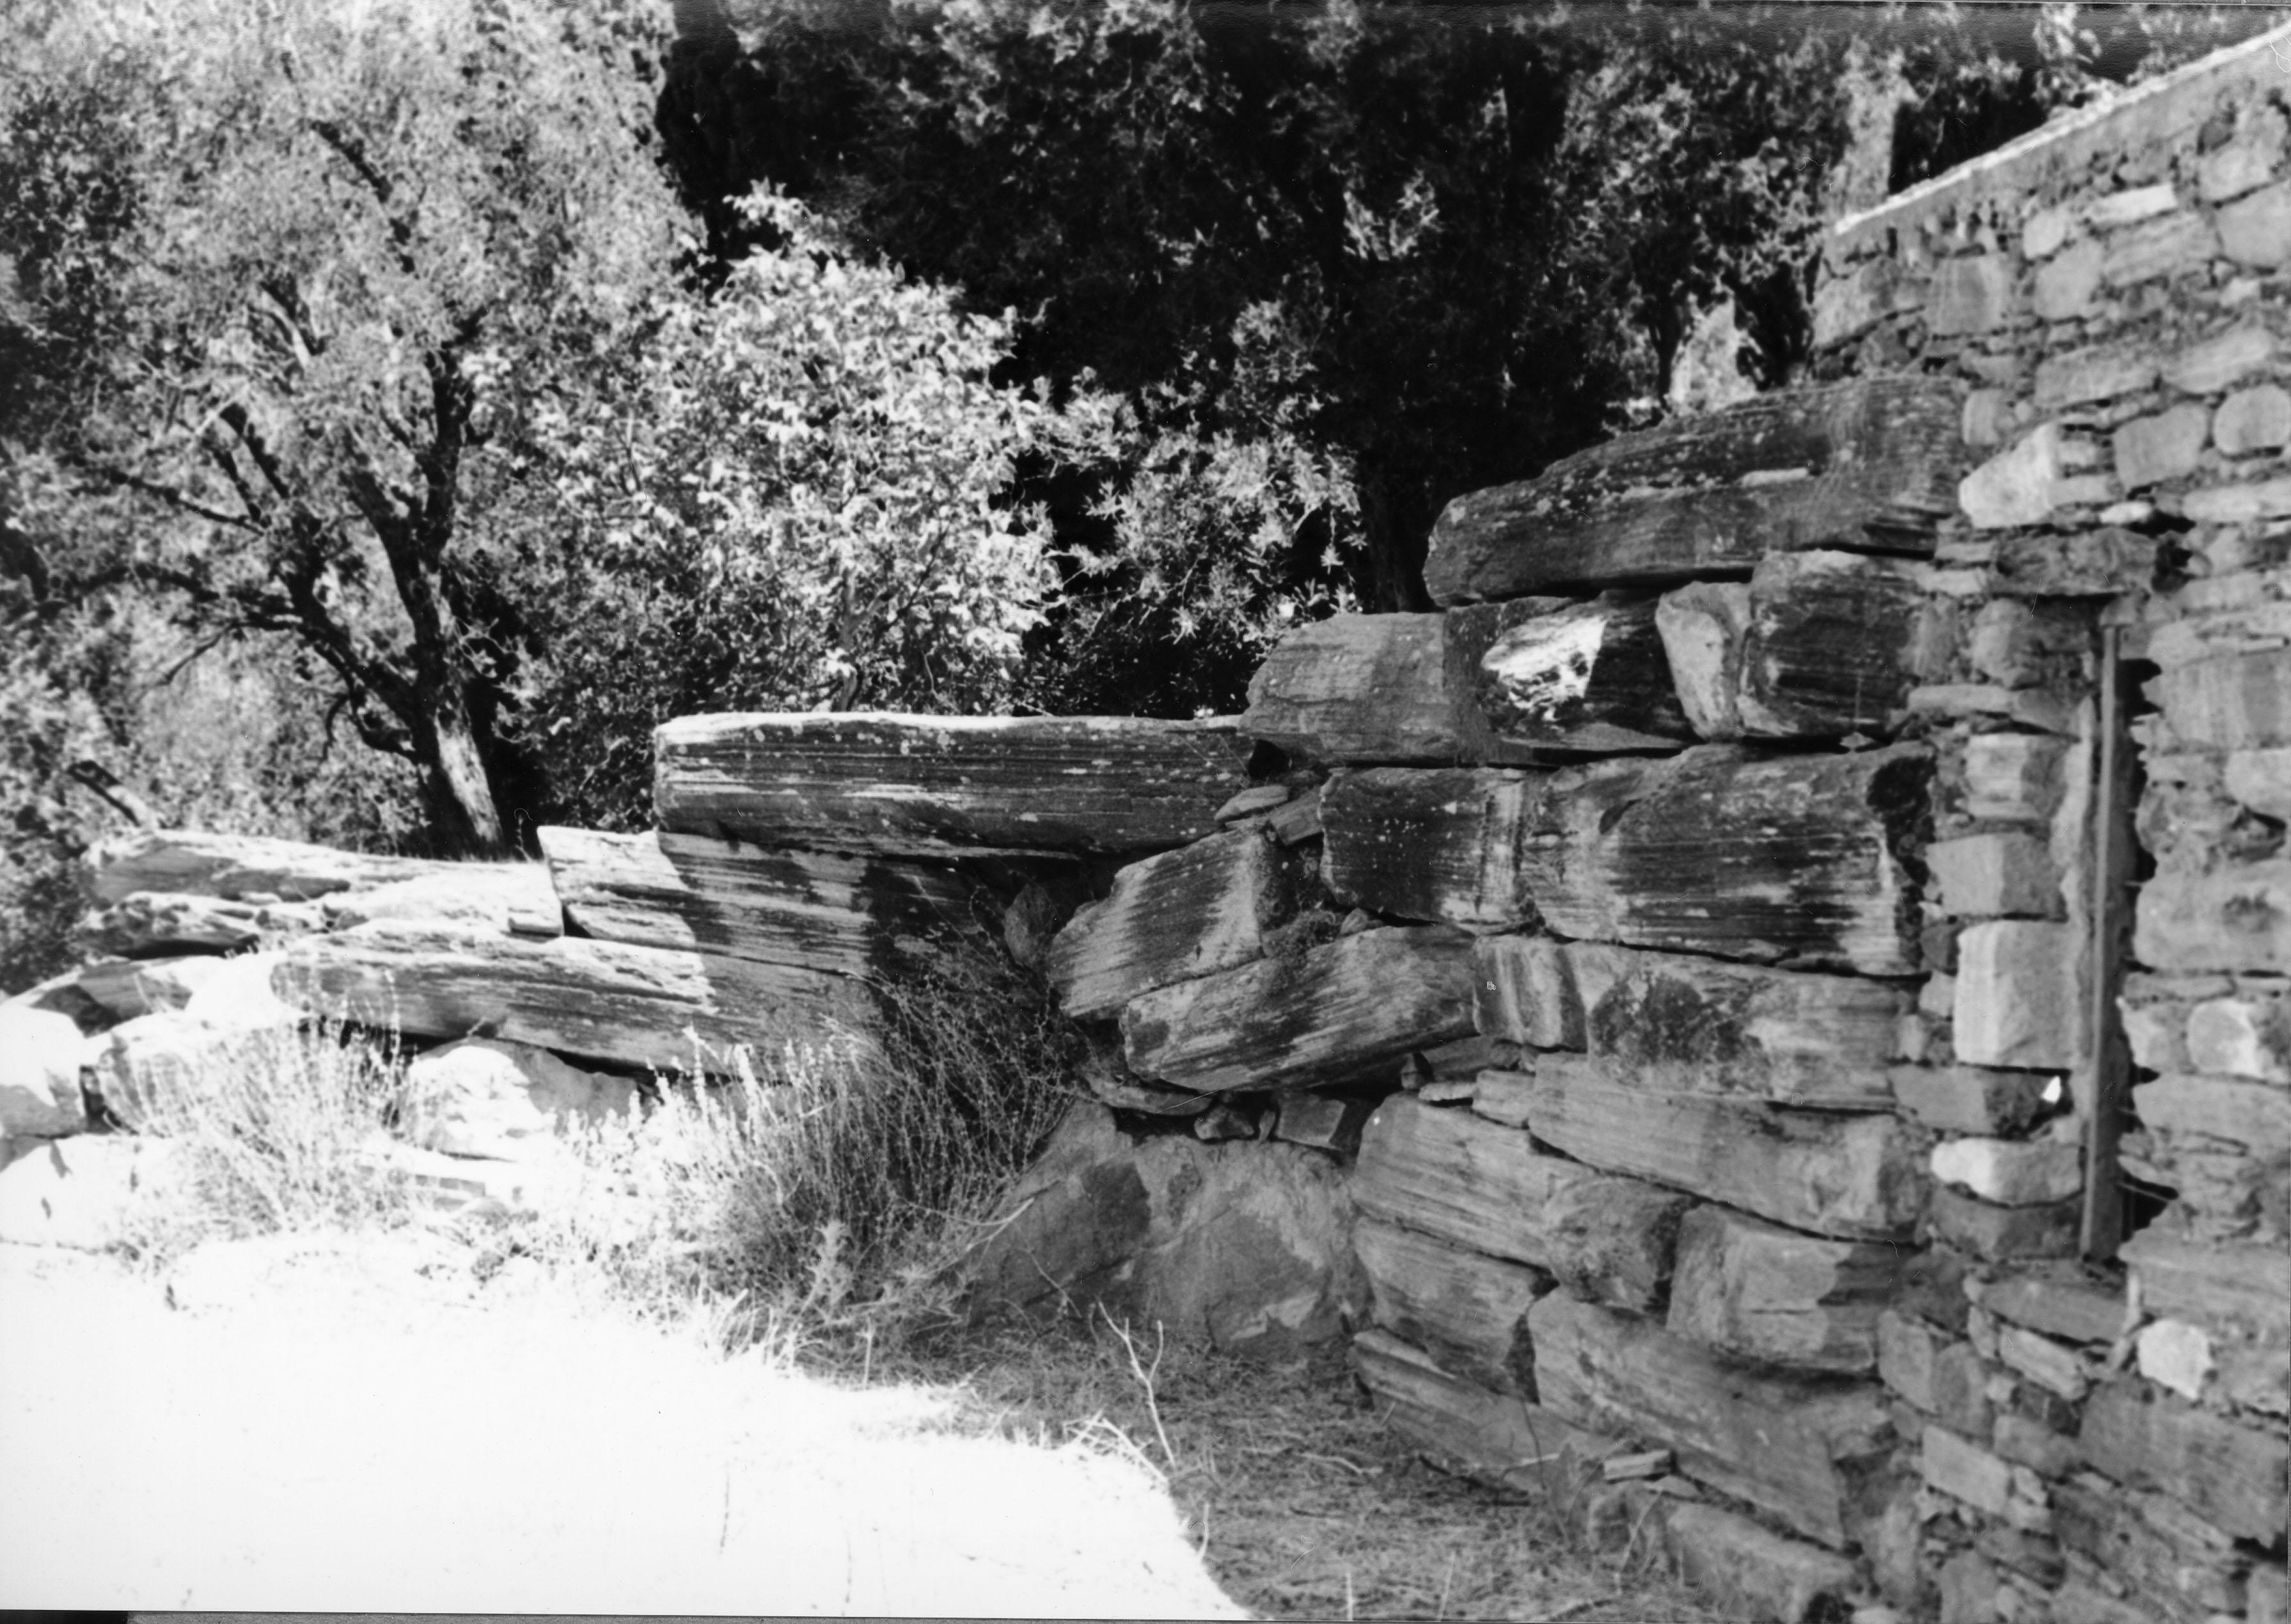 Άποψη των καταλοίπων πύλης στο ανατολικό σκέλος του τείχους